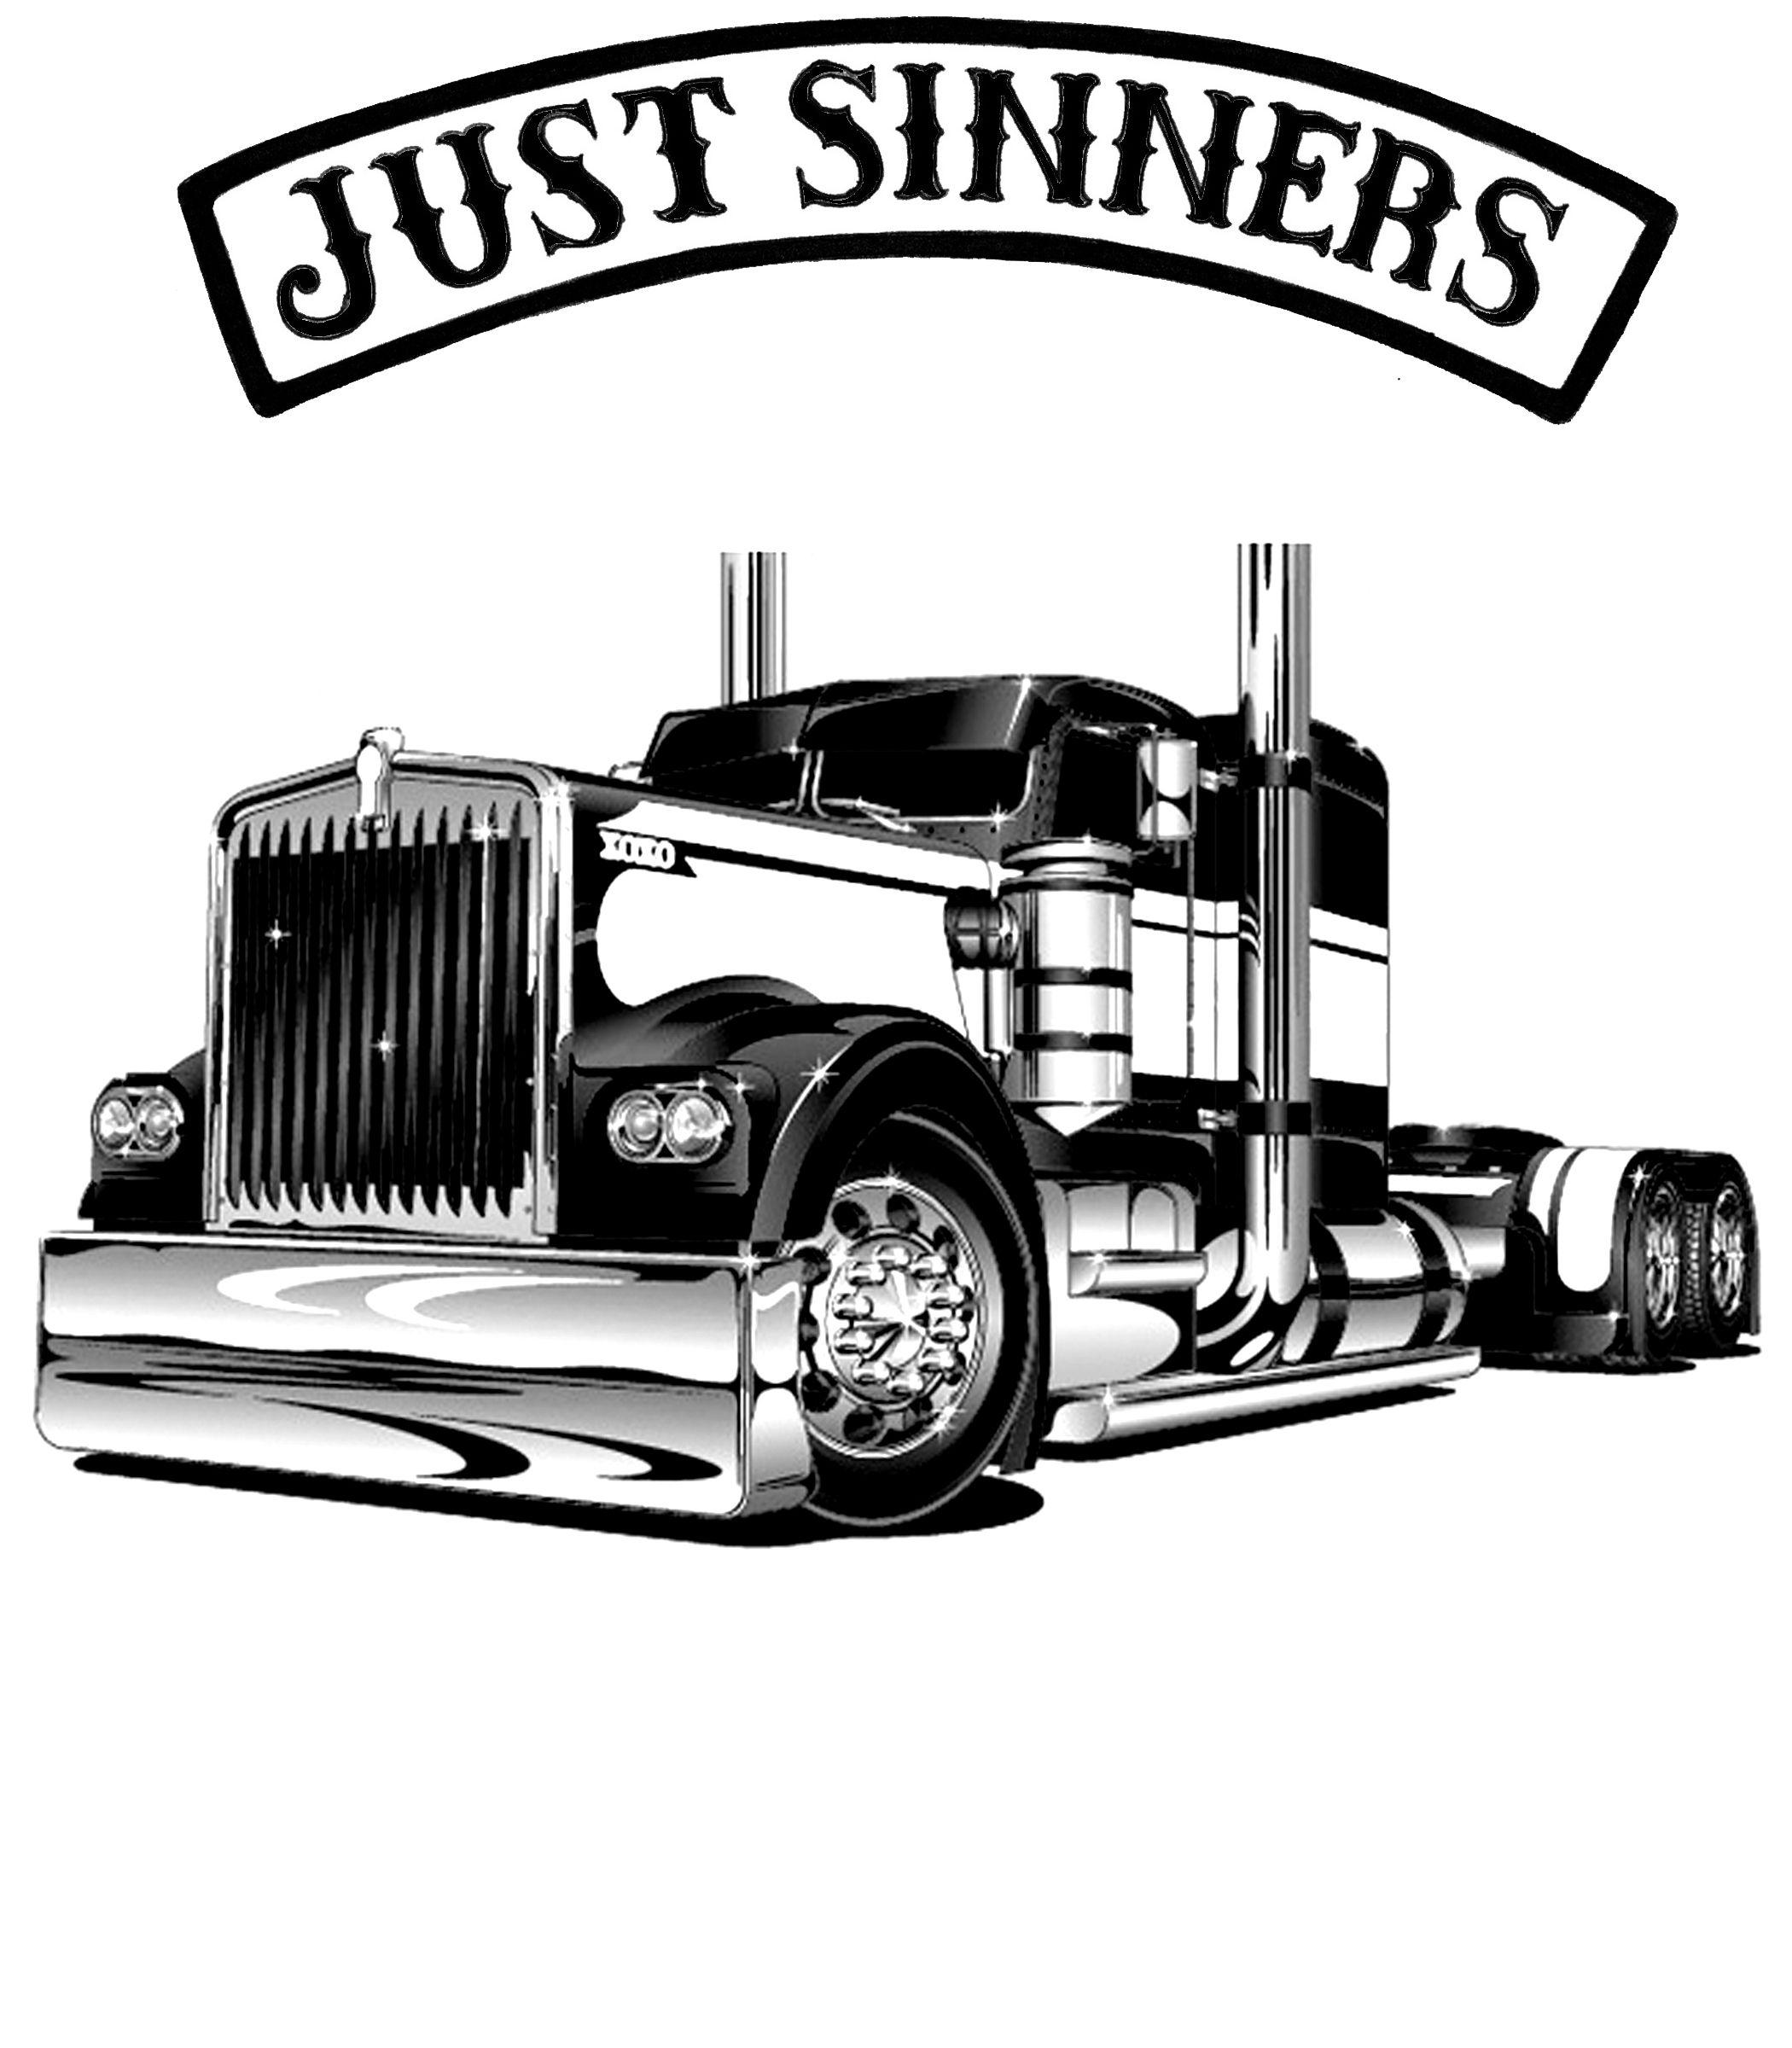 Just Sinners Semi Truck